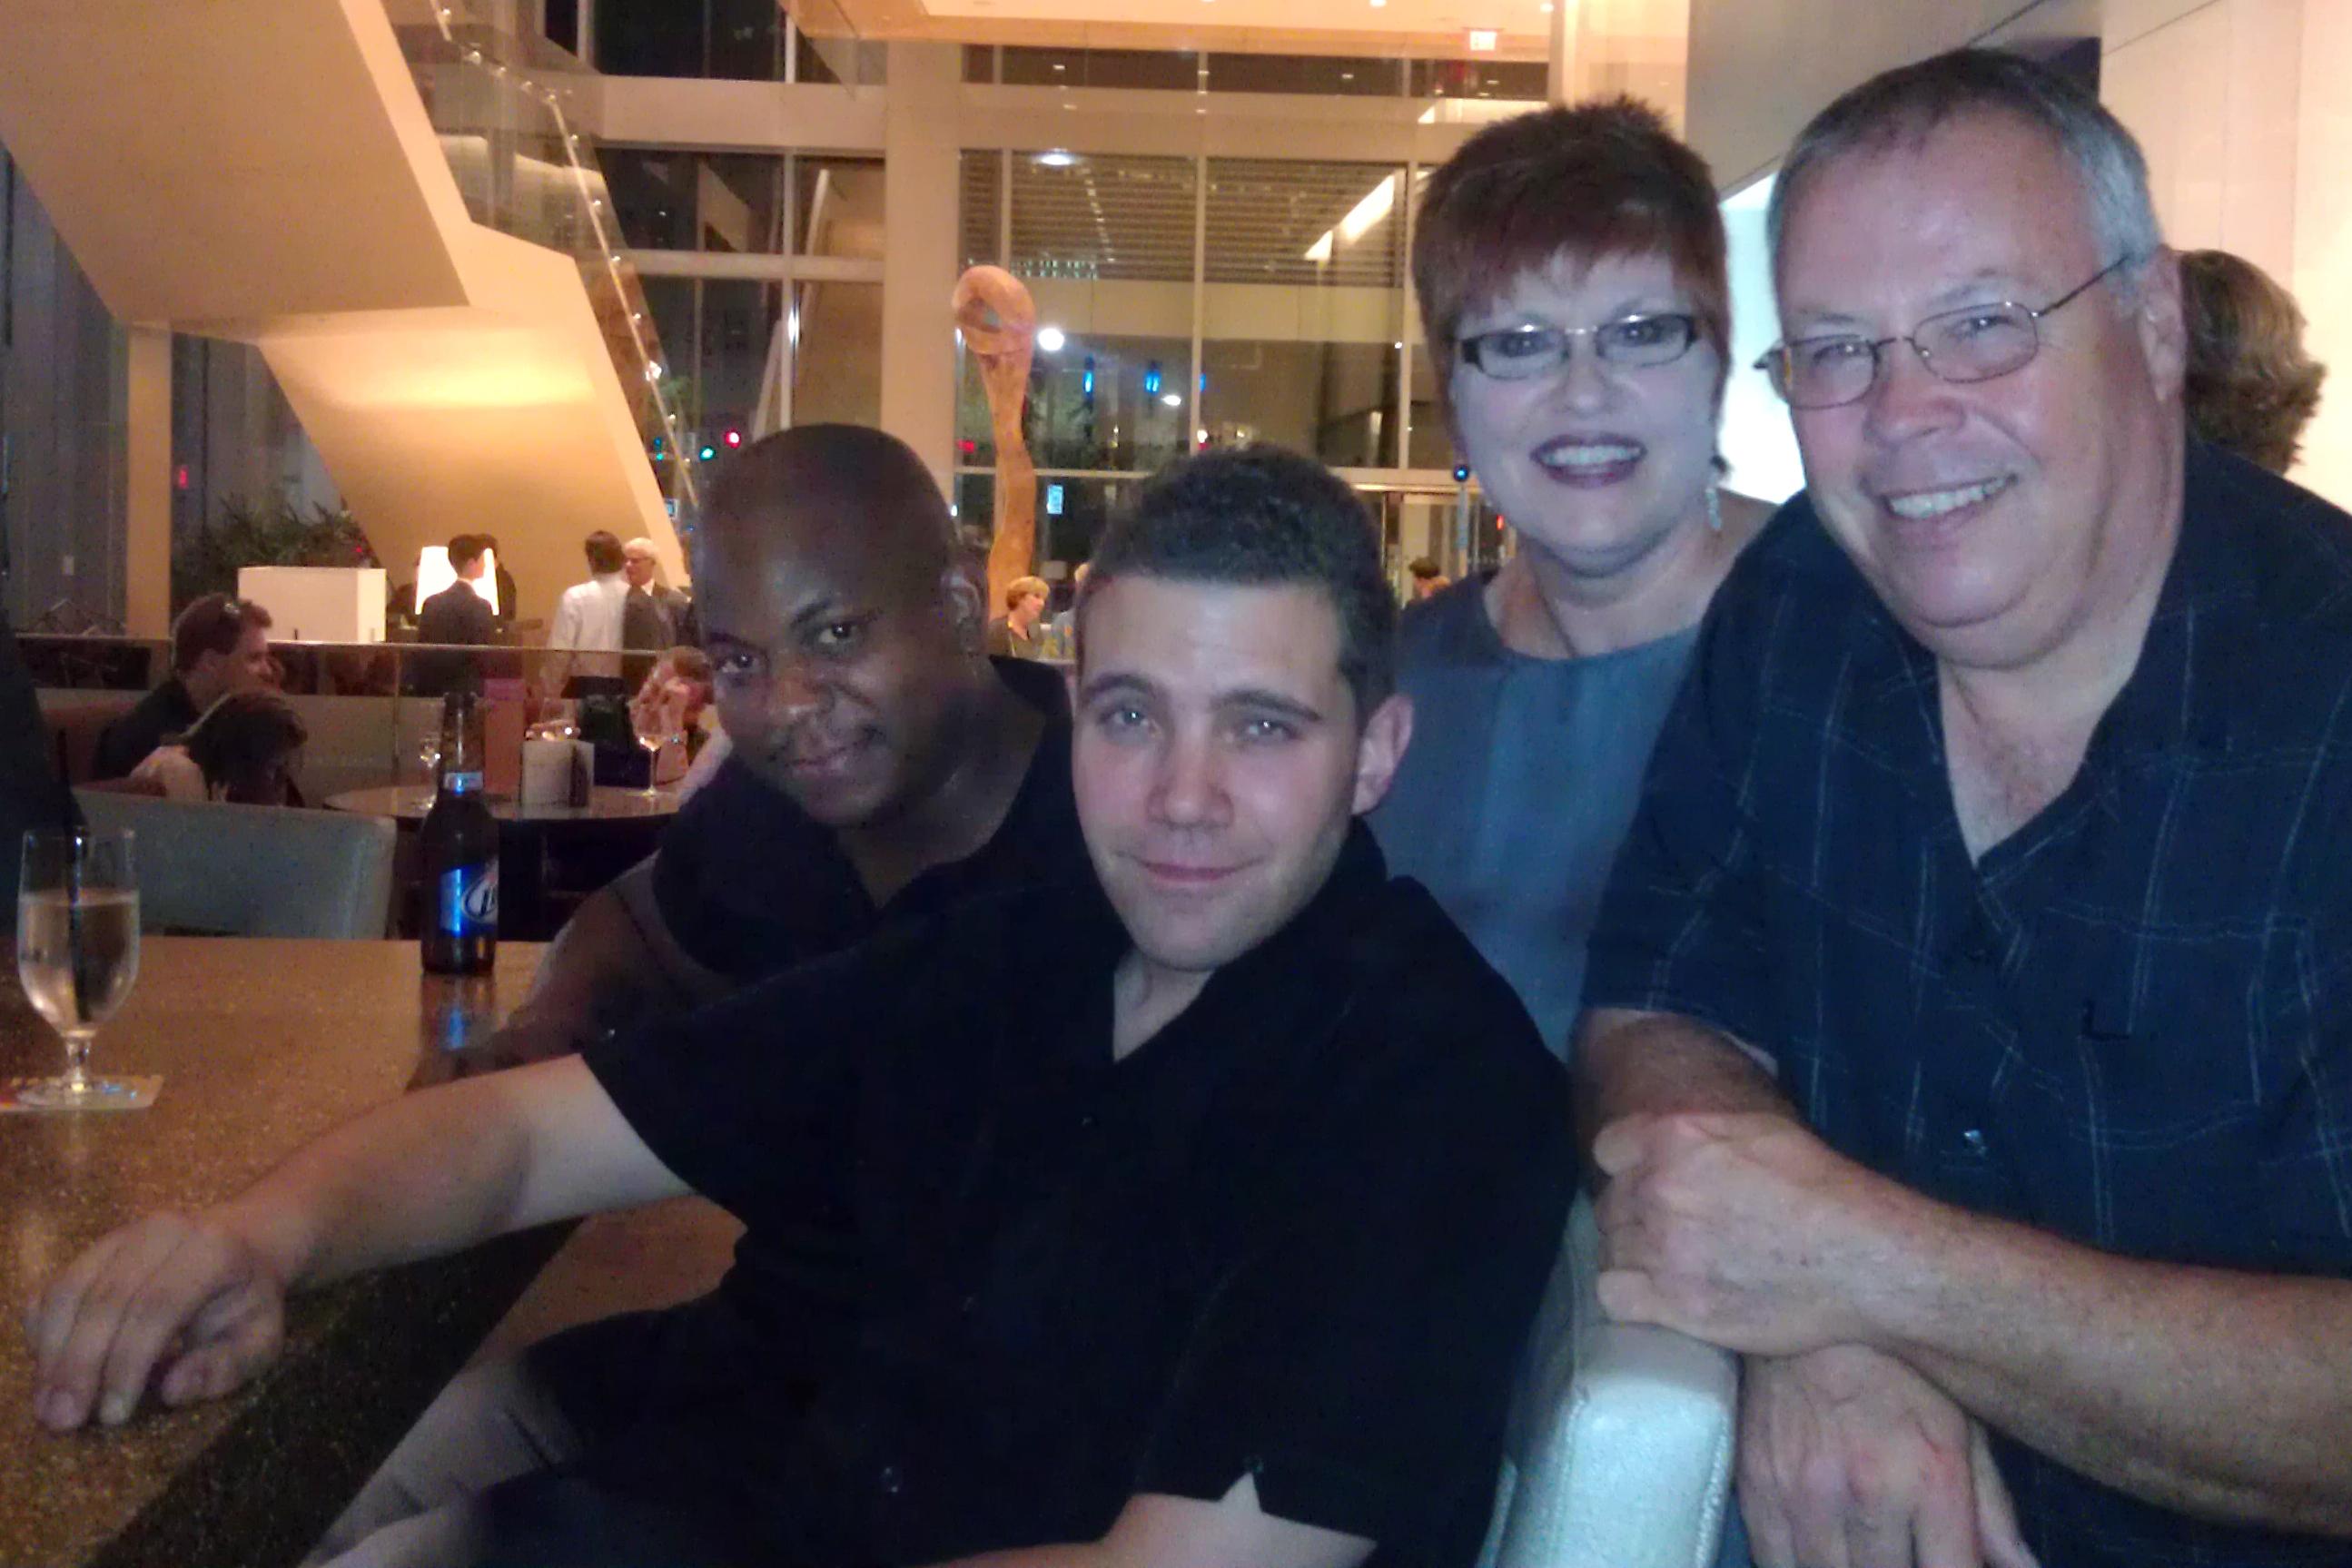 With James Johnson, III, Tony DePaolis, and Jeff Lashway